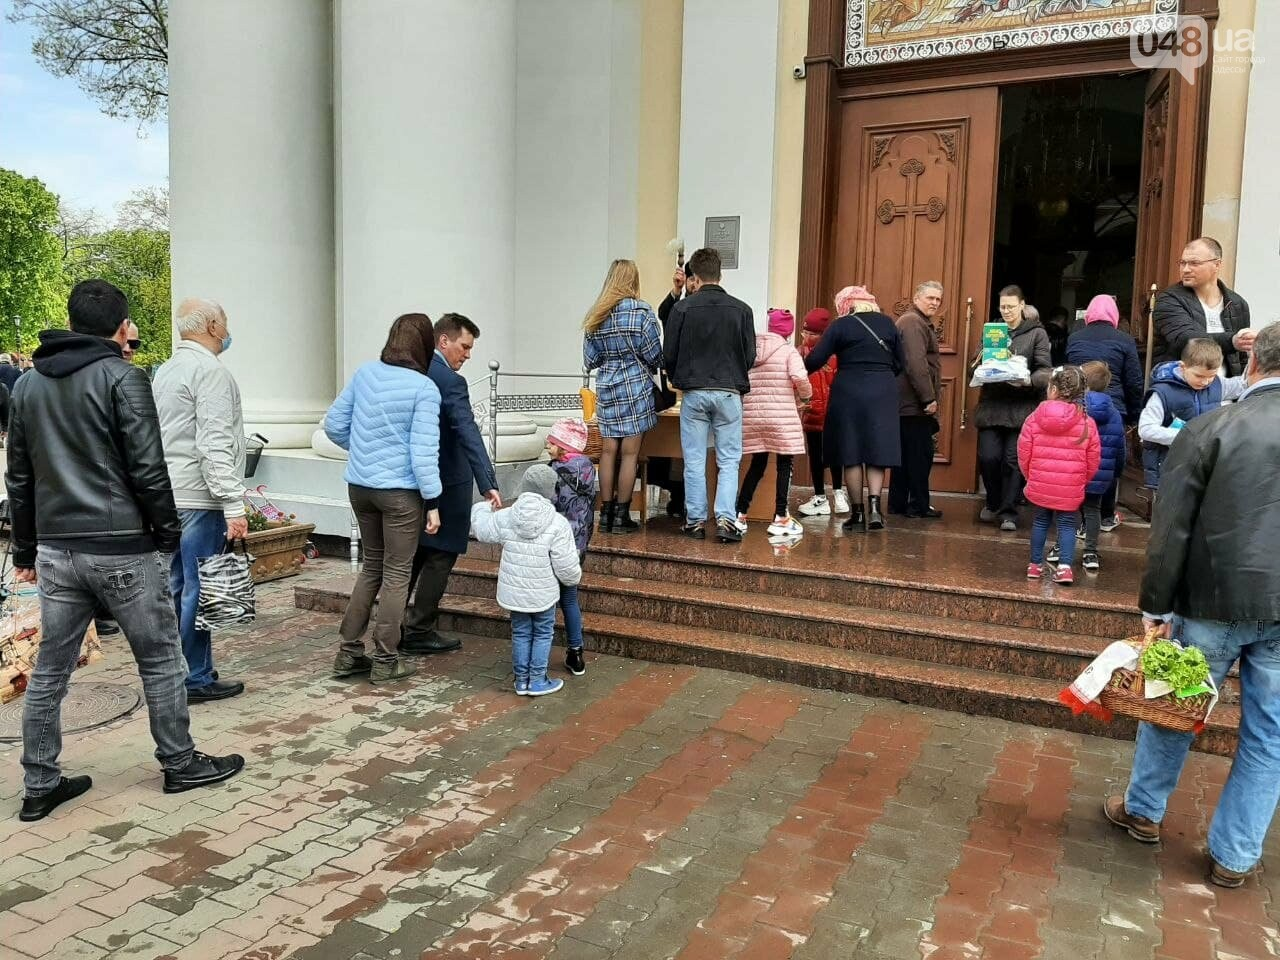 Пасха-2021: как в Одессе святят паски, - ФОТОРЕПОРТАЖ, фото-1